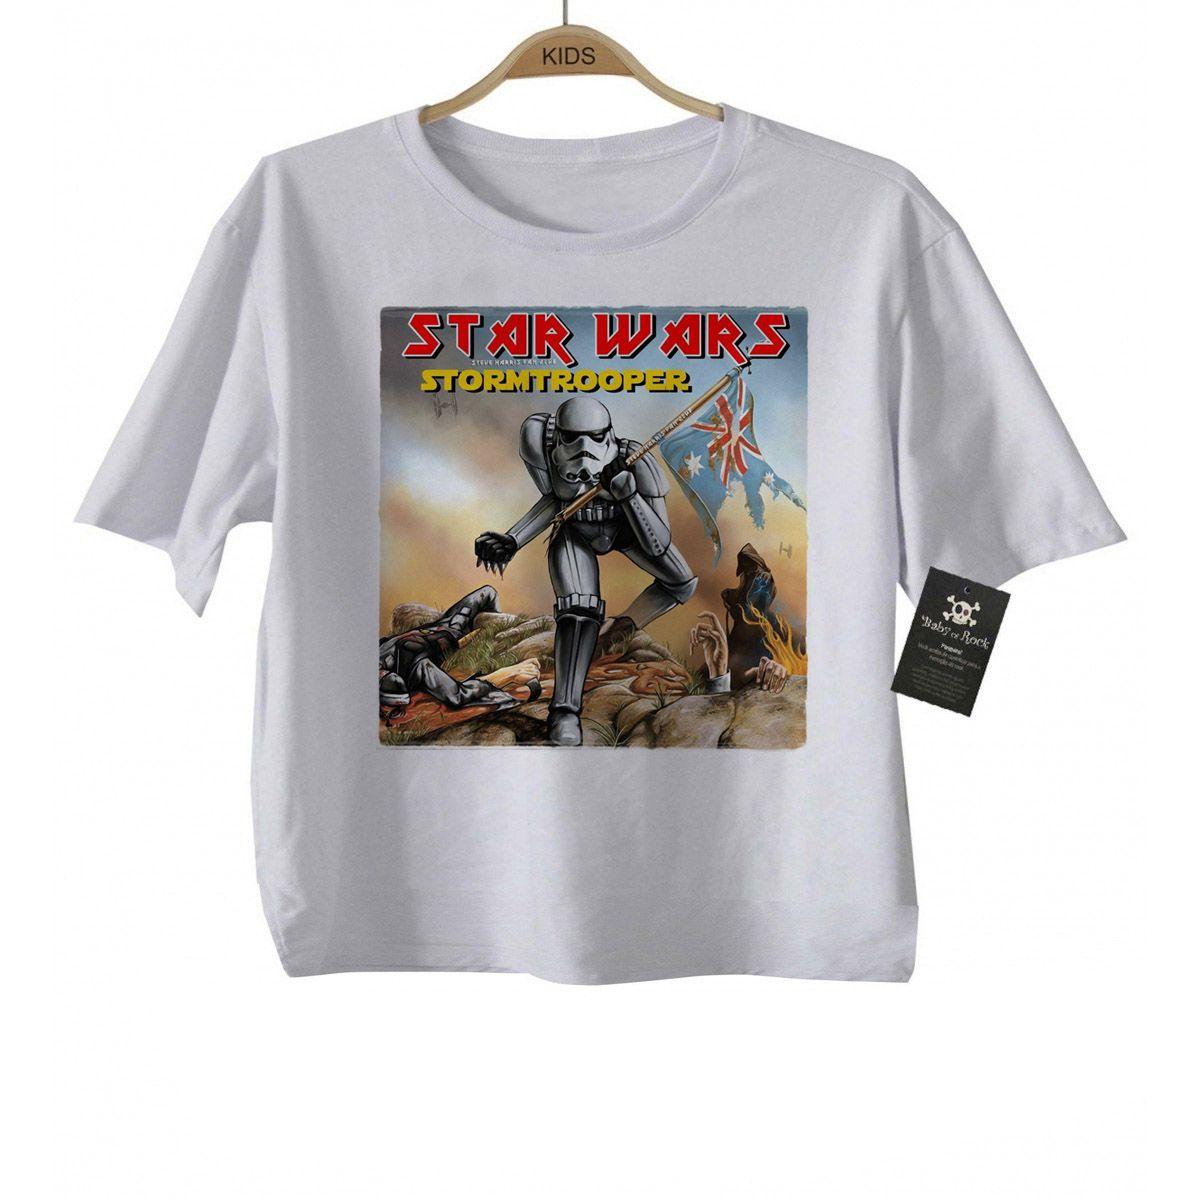 Camiseta Infantil Star Wars / Iron Maiden - White  - Baby Monster S/A